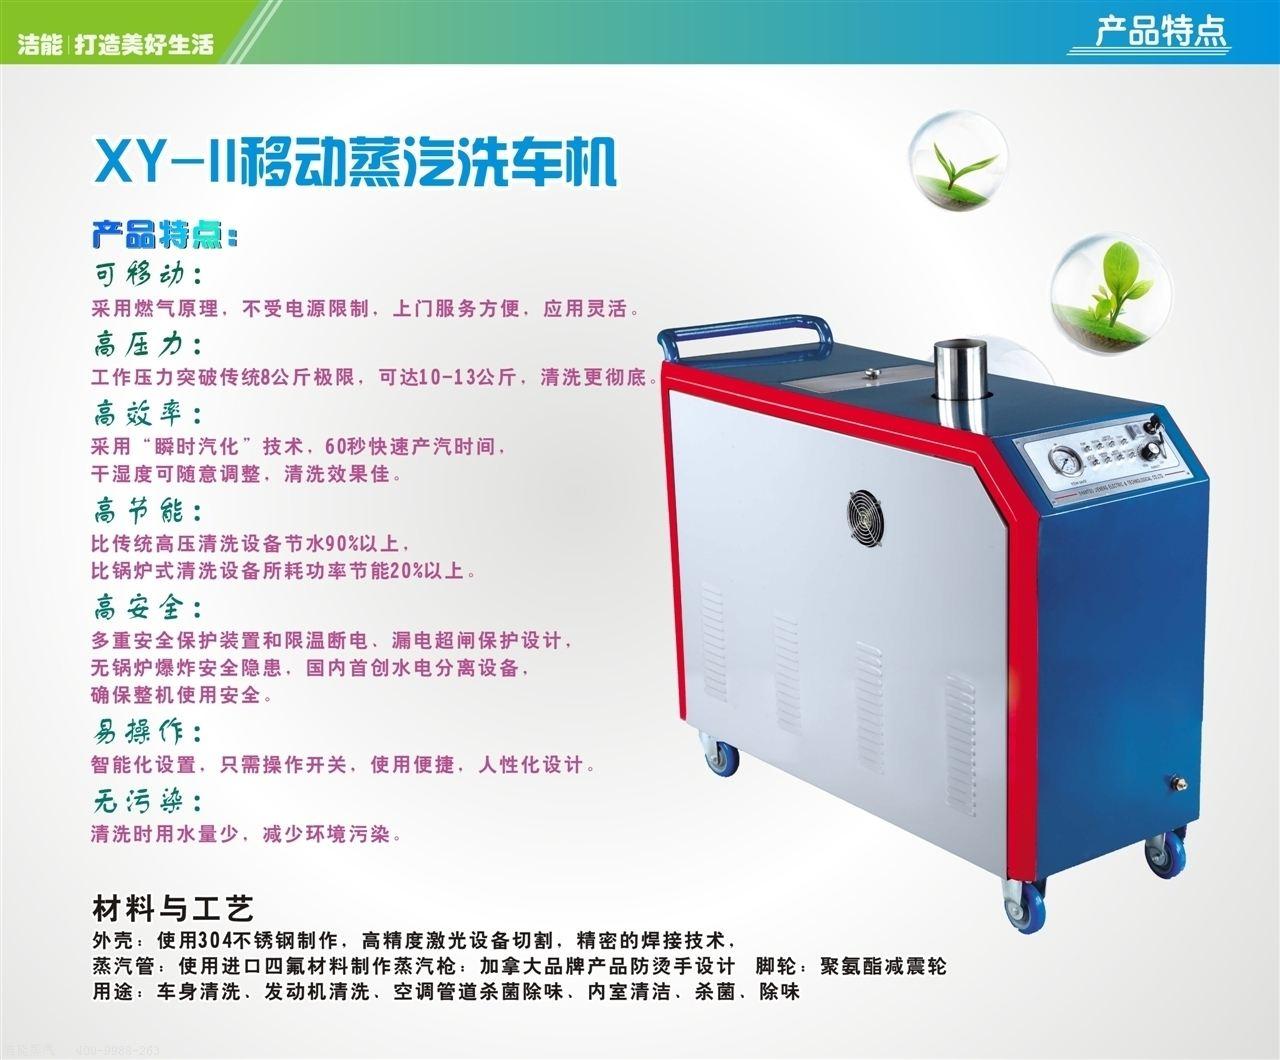 高压清洗机厂家-蒸汽清洗机-高温高压-移动洗车yx-ii